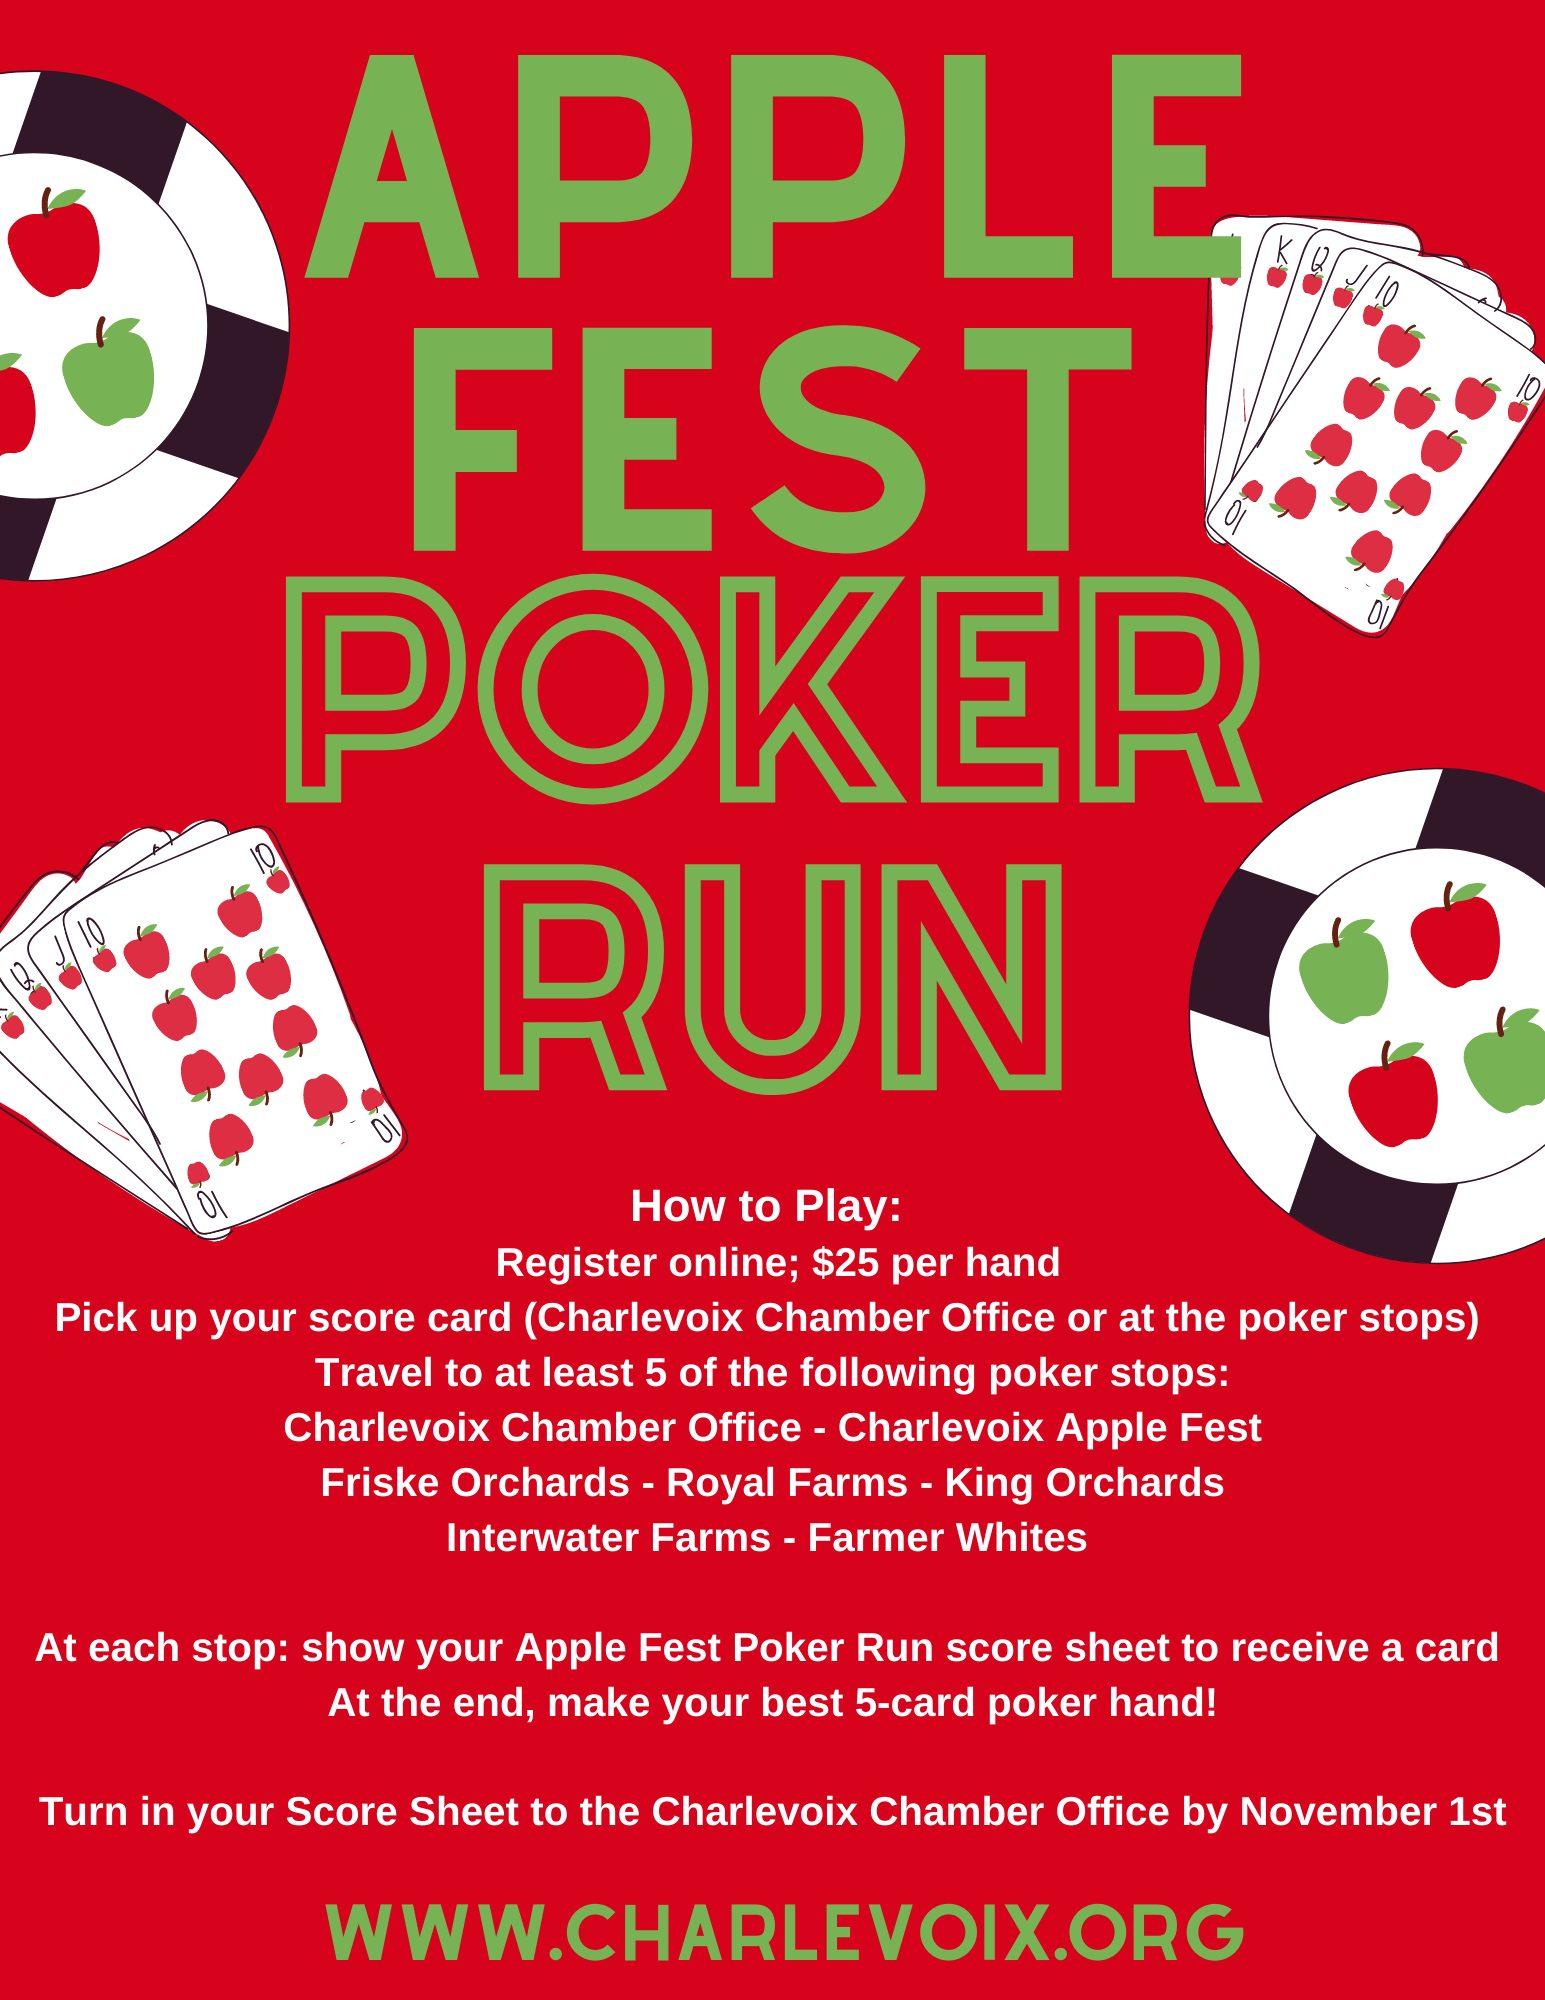 Apple Fest Poker Run